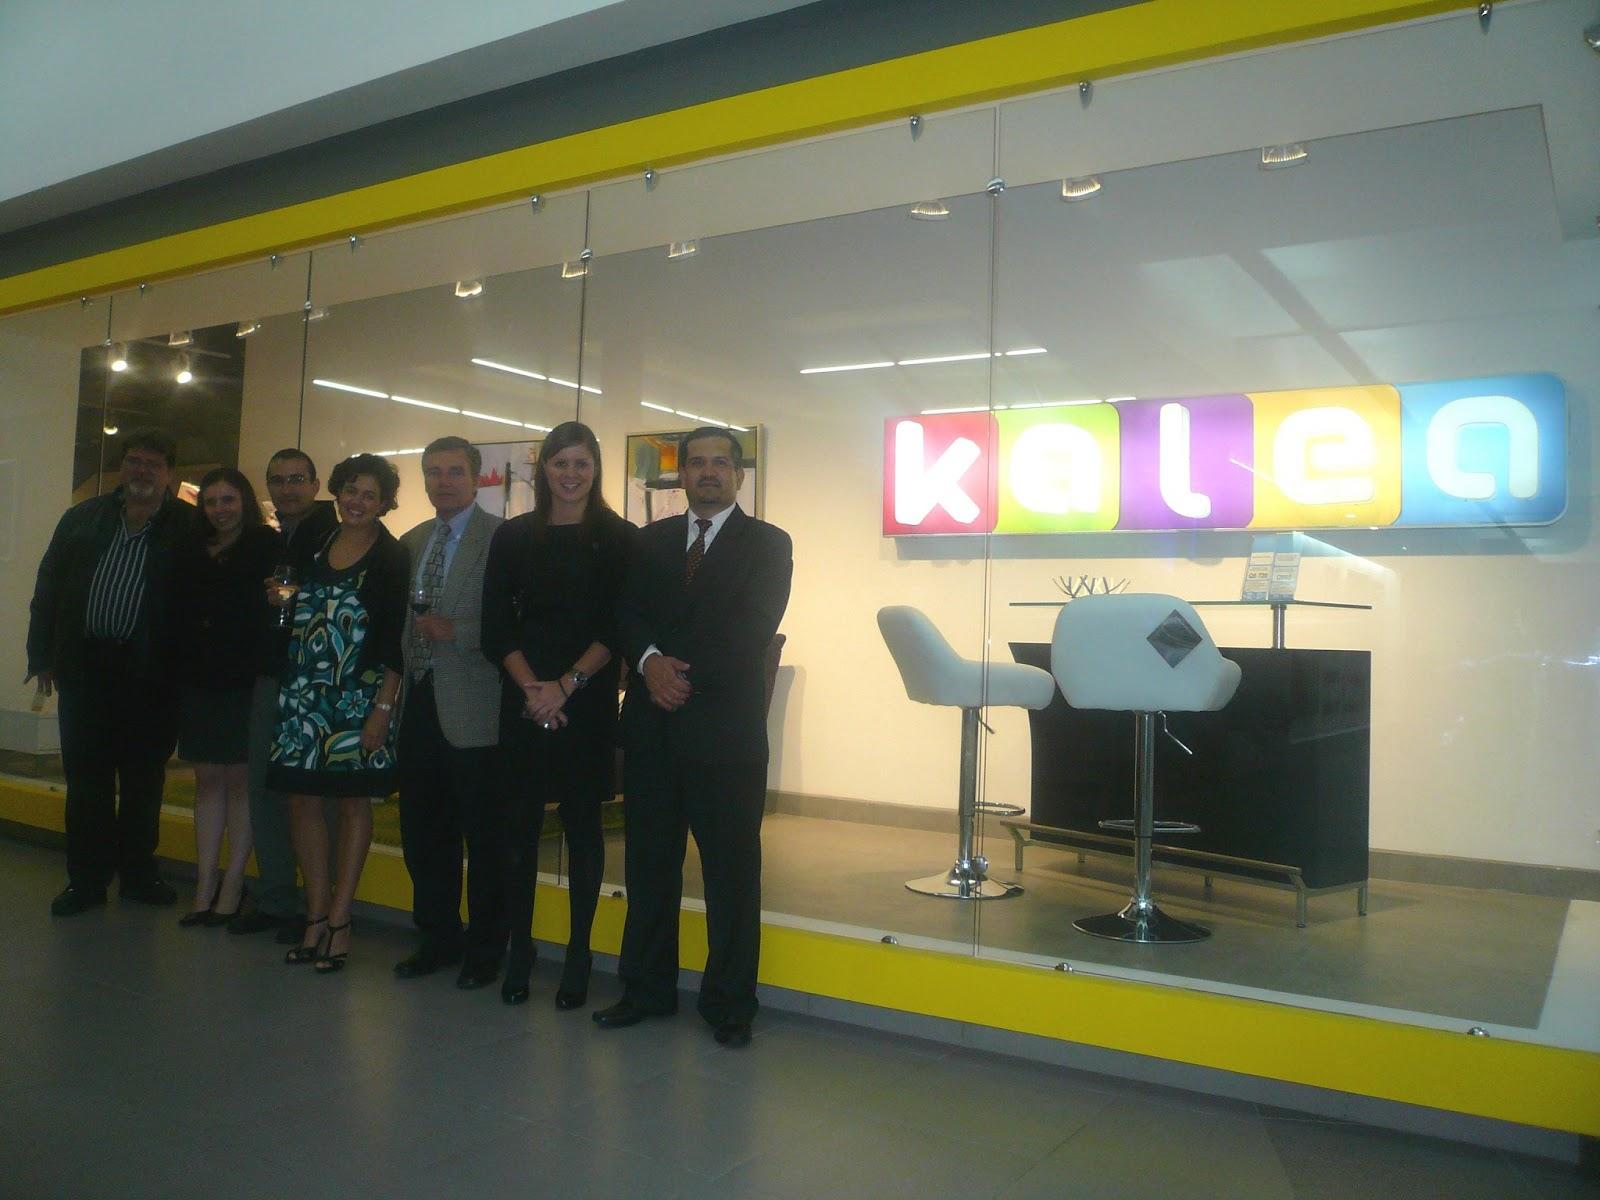 Kalea inaugura nueva tienda en deco city for Muebles de oficina kalea